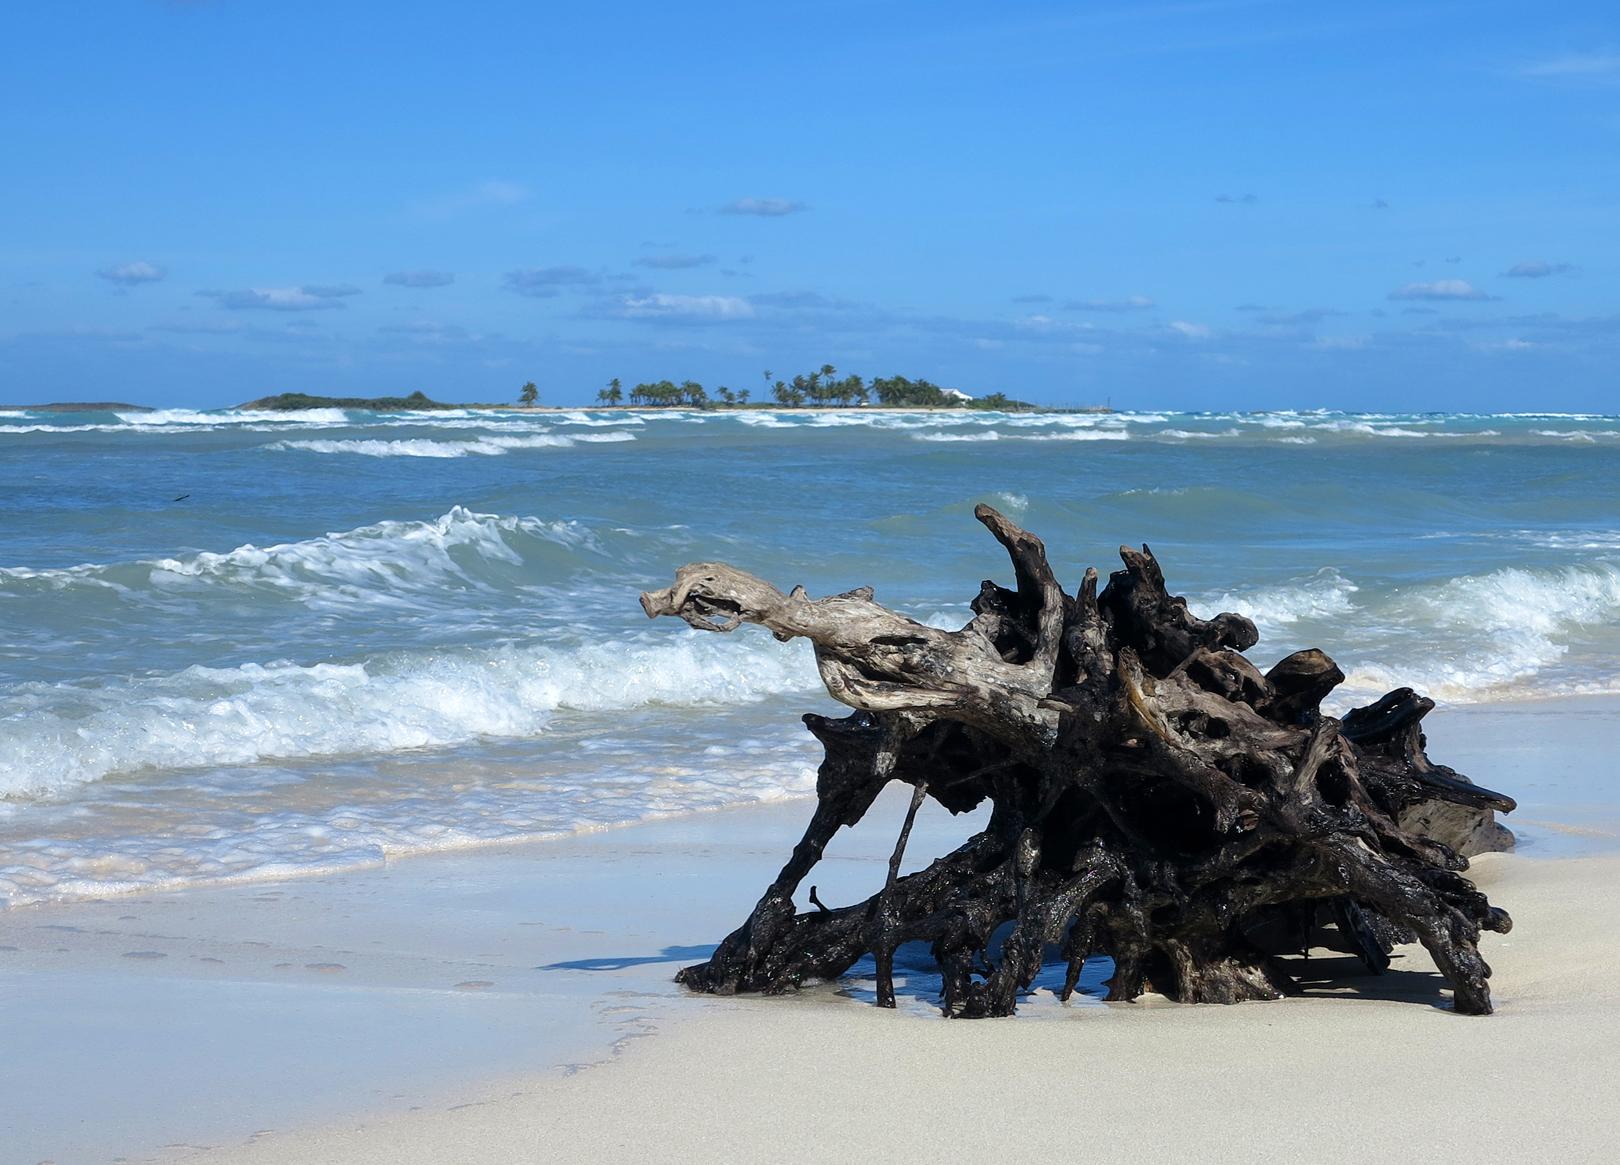 Windy Day at Gillam Bay - Green Turtle Cay, Bahamas